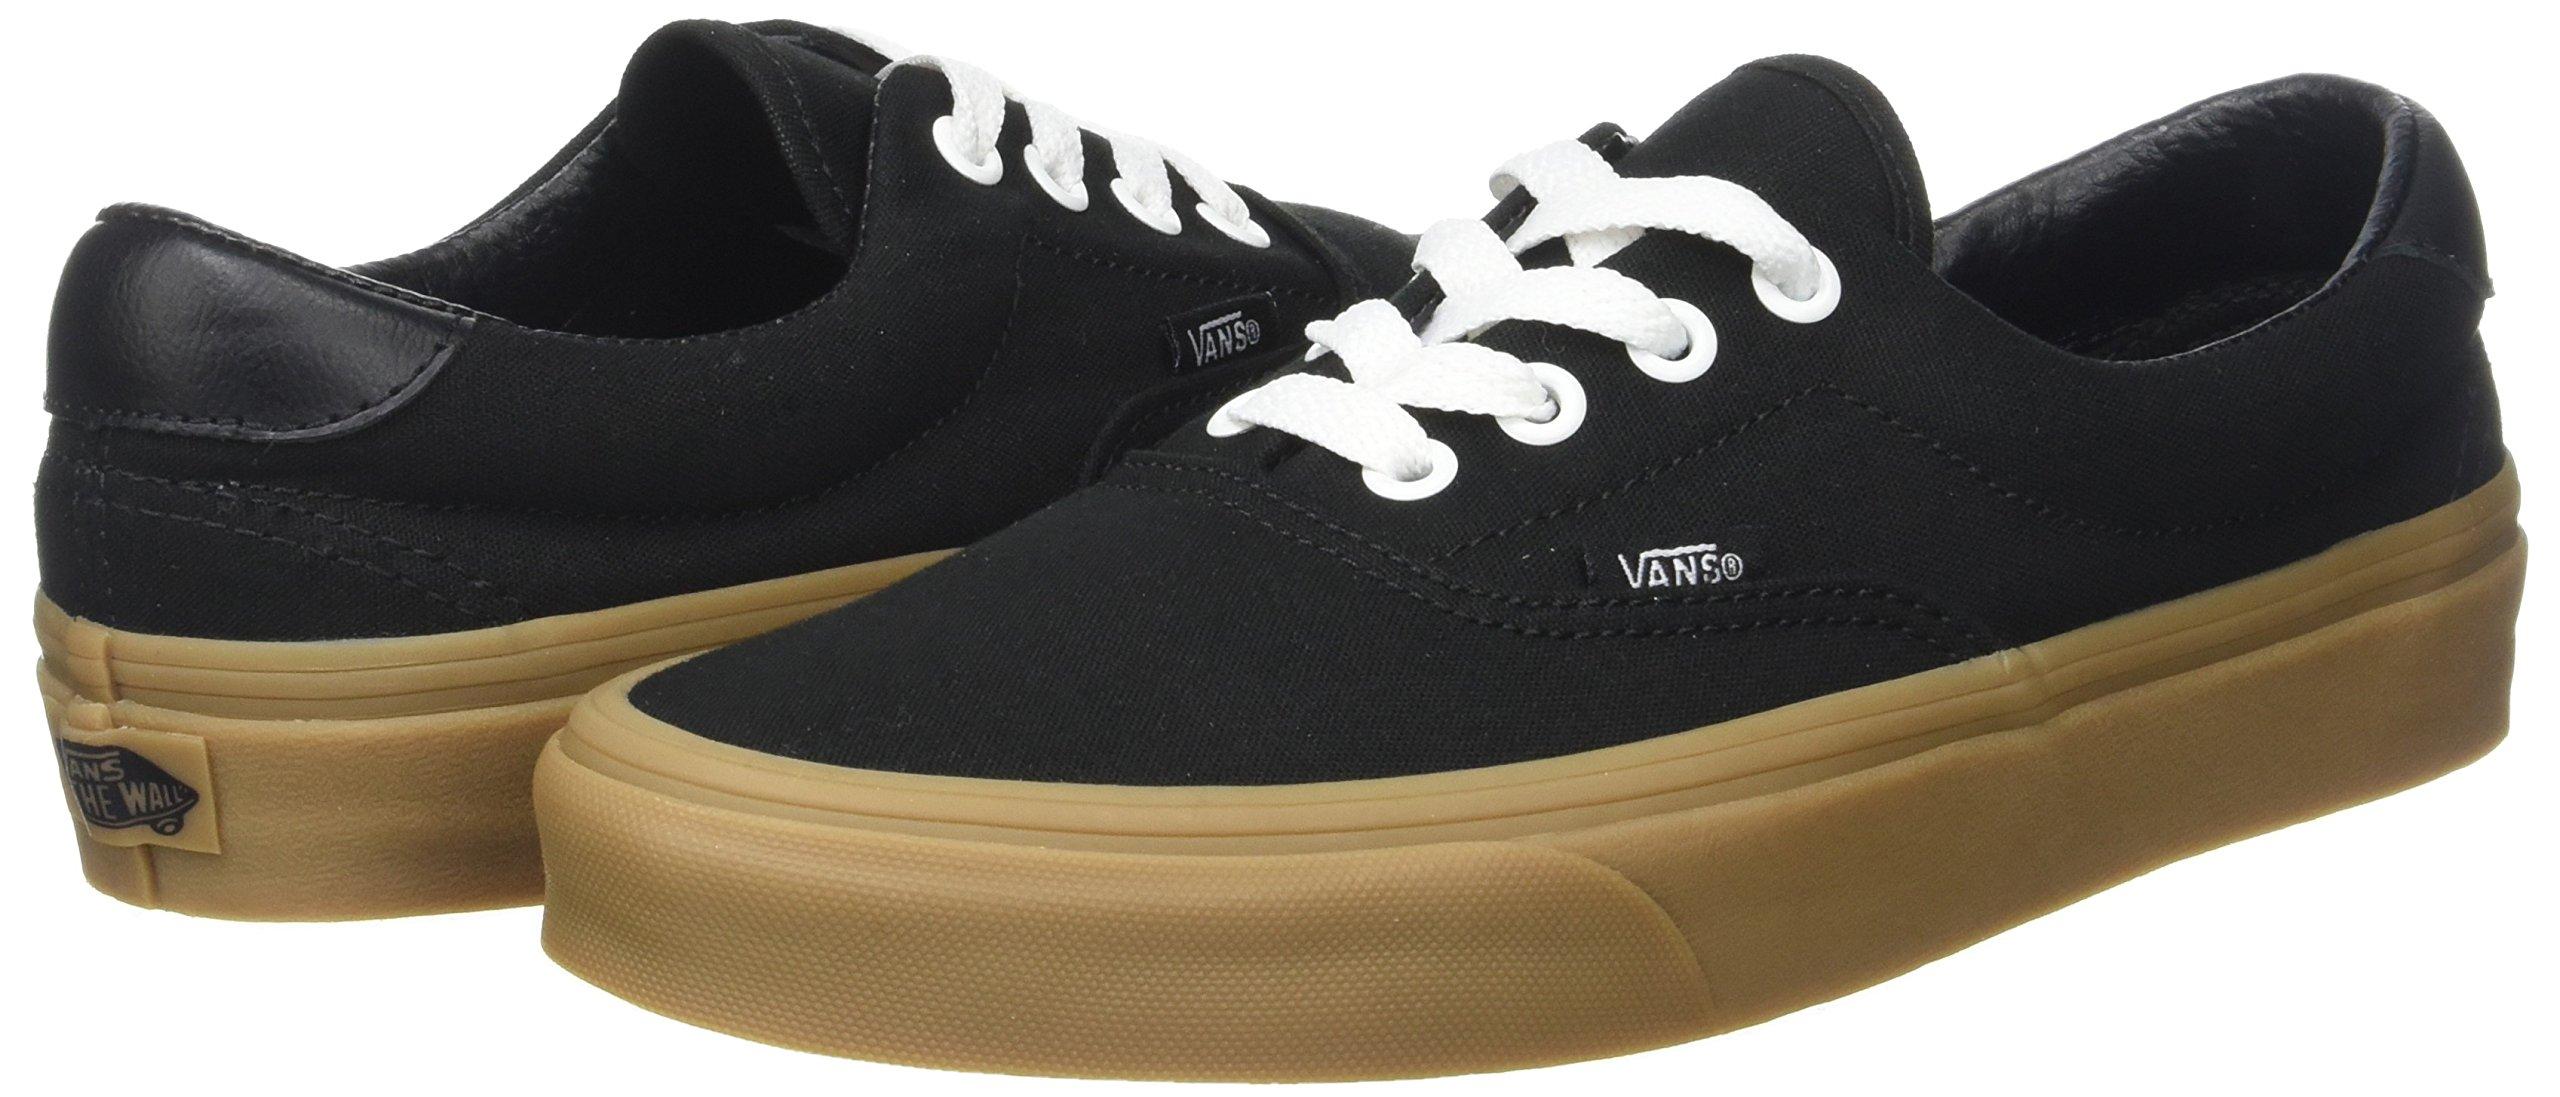 Vans Unisex Adults' Era 59 Canvas Gum Trainers, Black (Canvas Gum/Black/Light Gum), 10.5 UK 45 EU by Vans (Image #5)